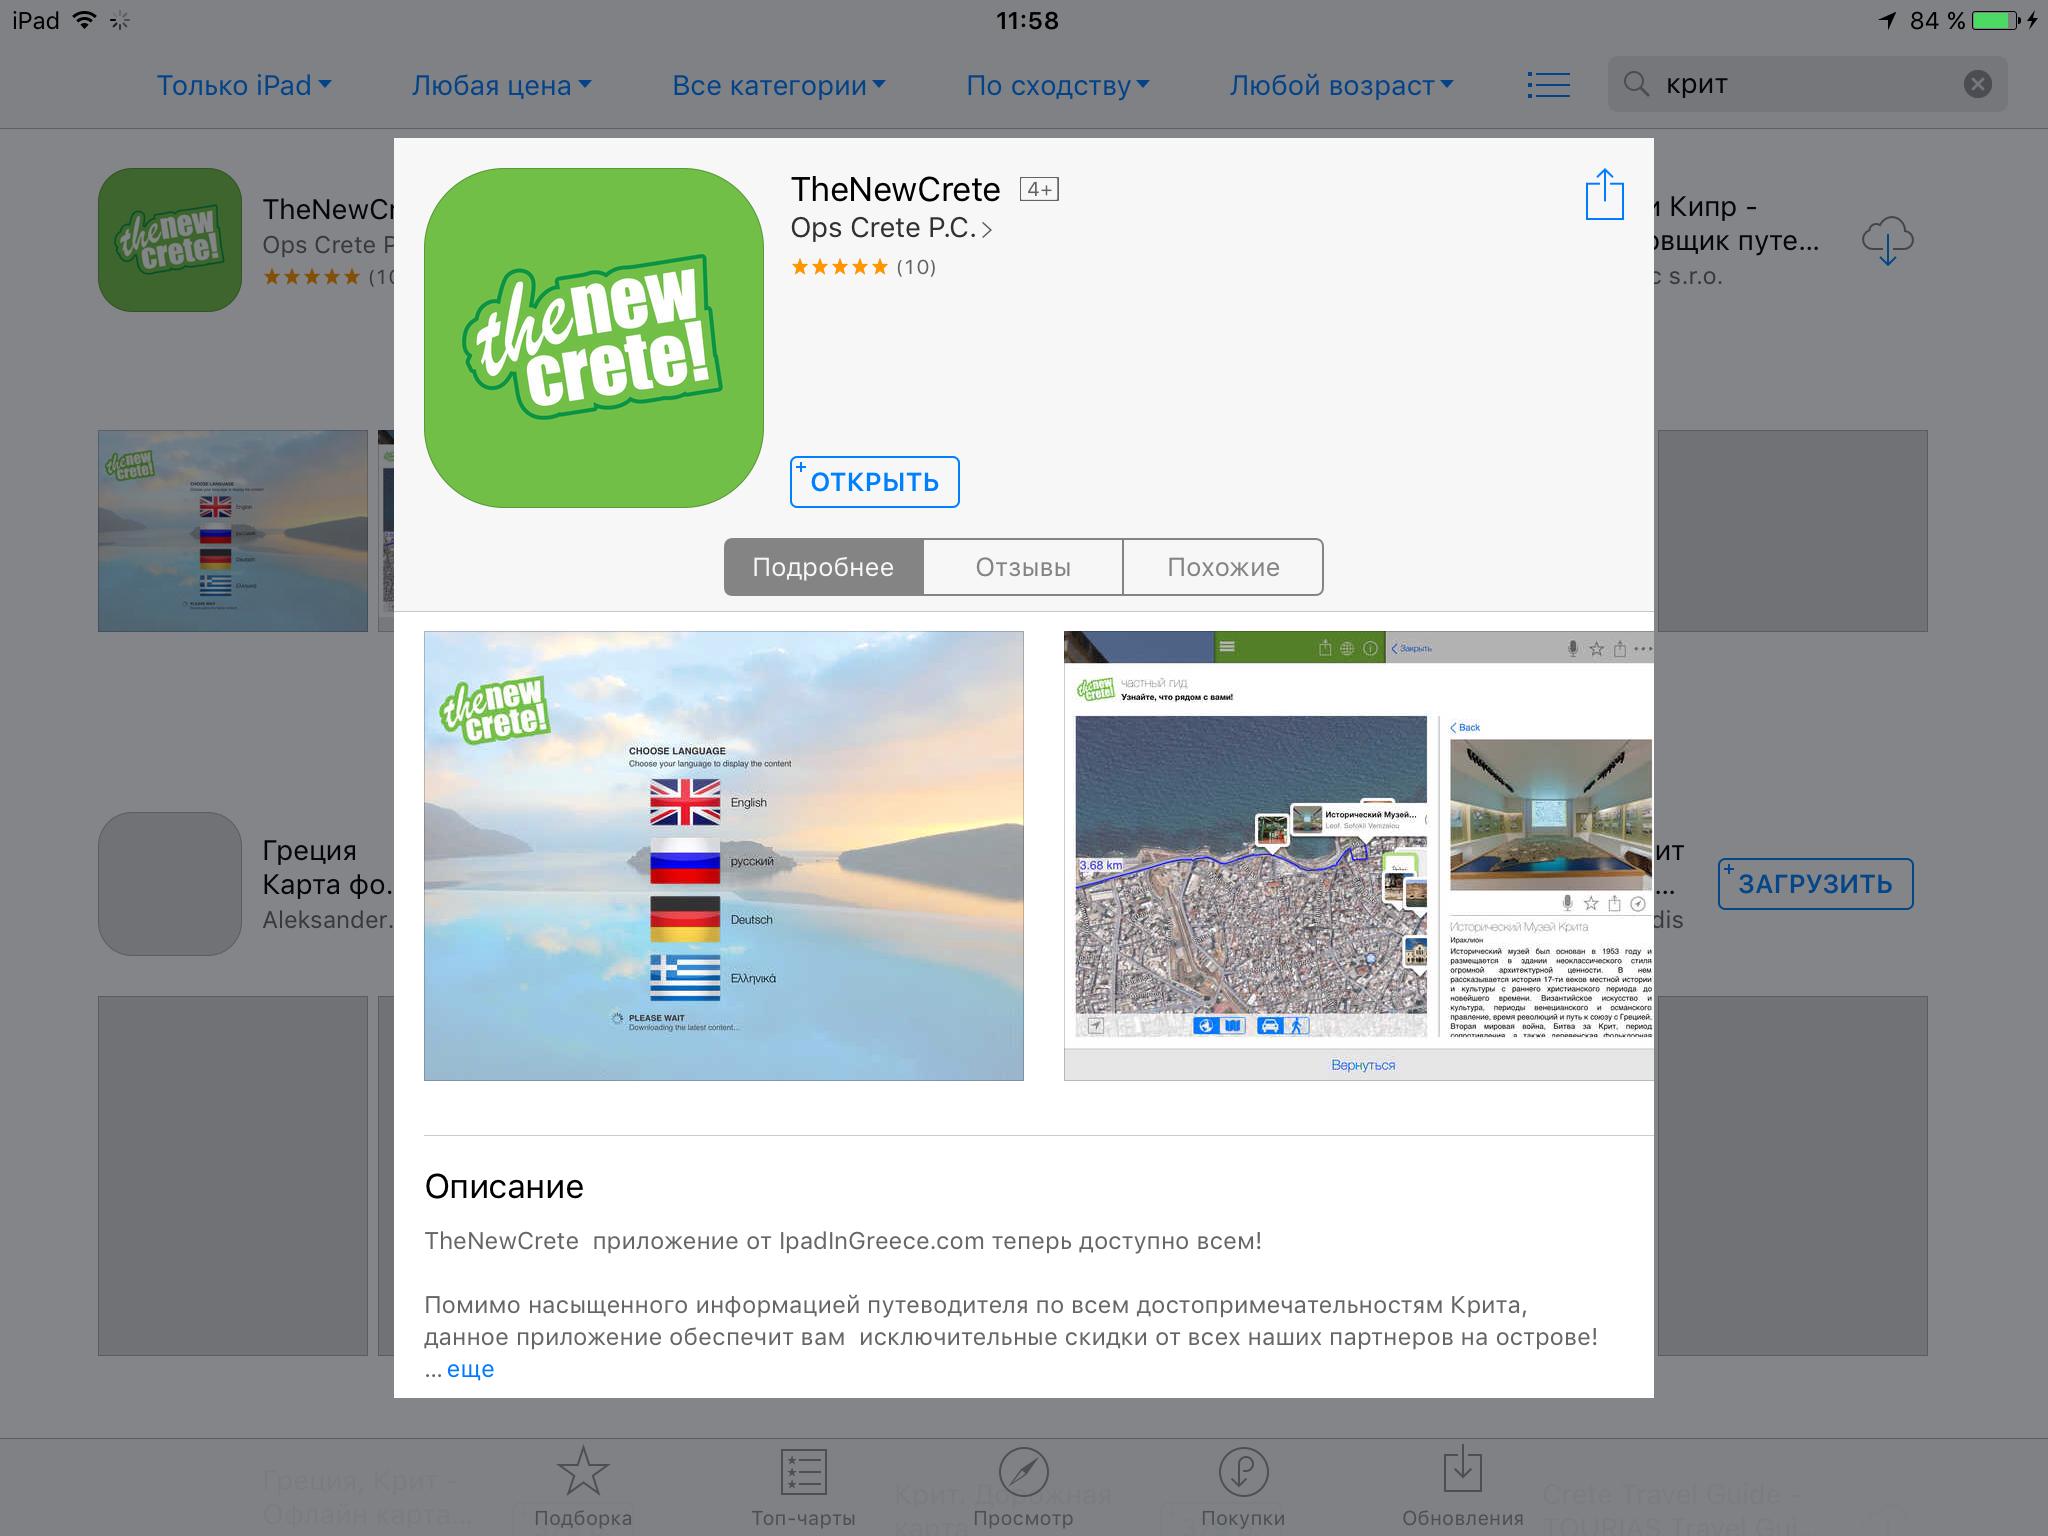 Крит, Приложение на iPhone или iPad .